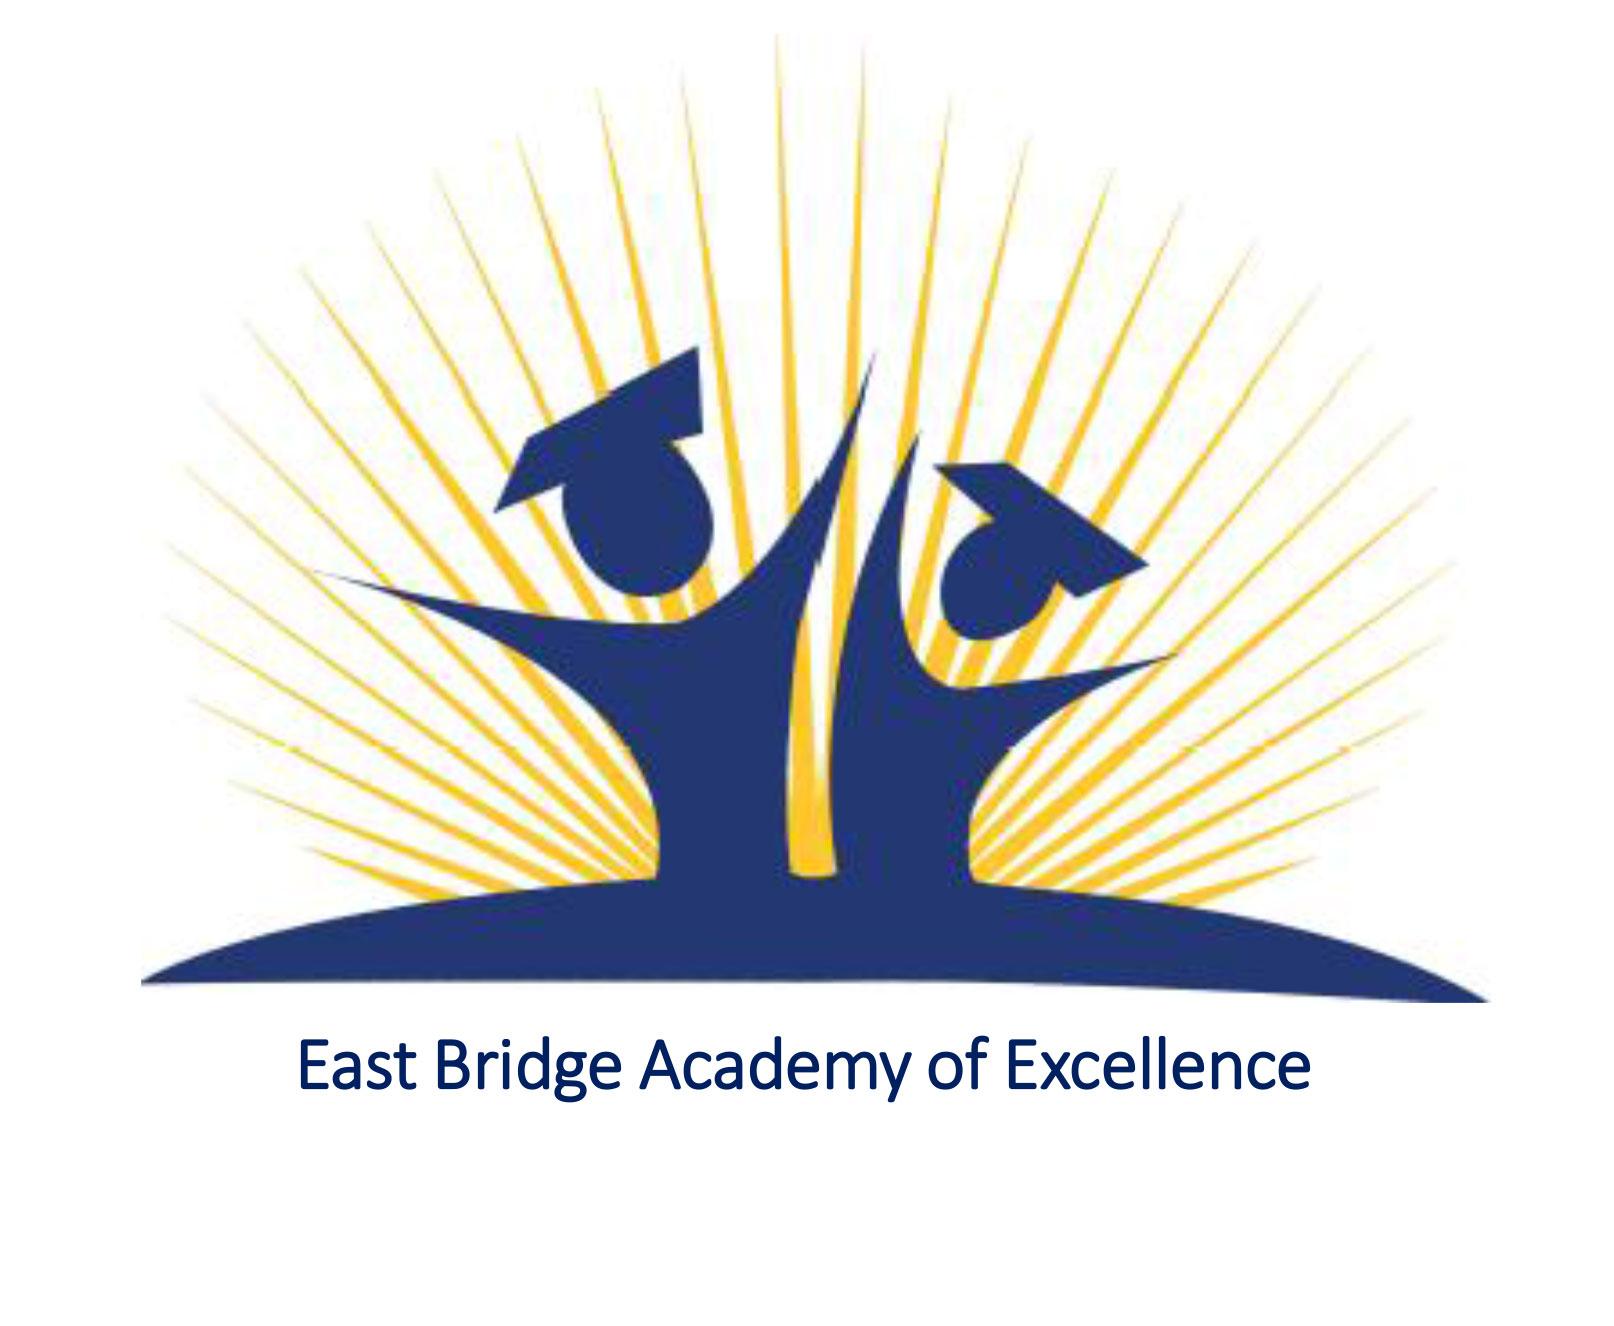 East Bridge Academy